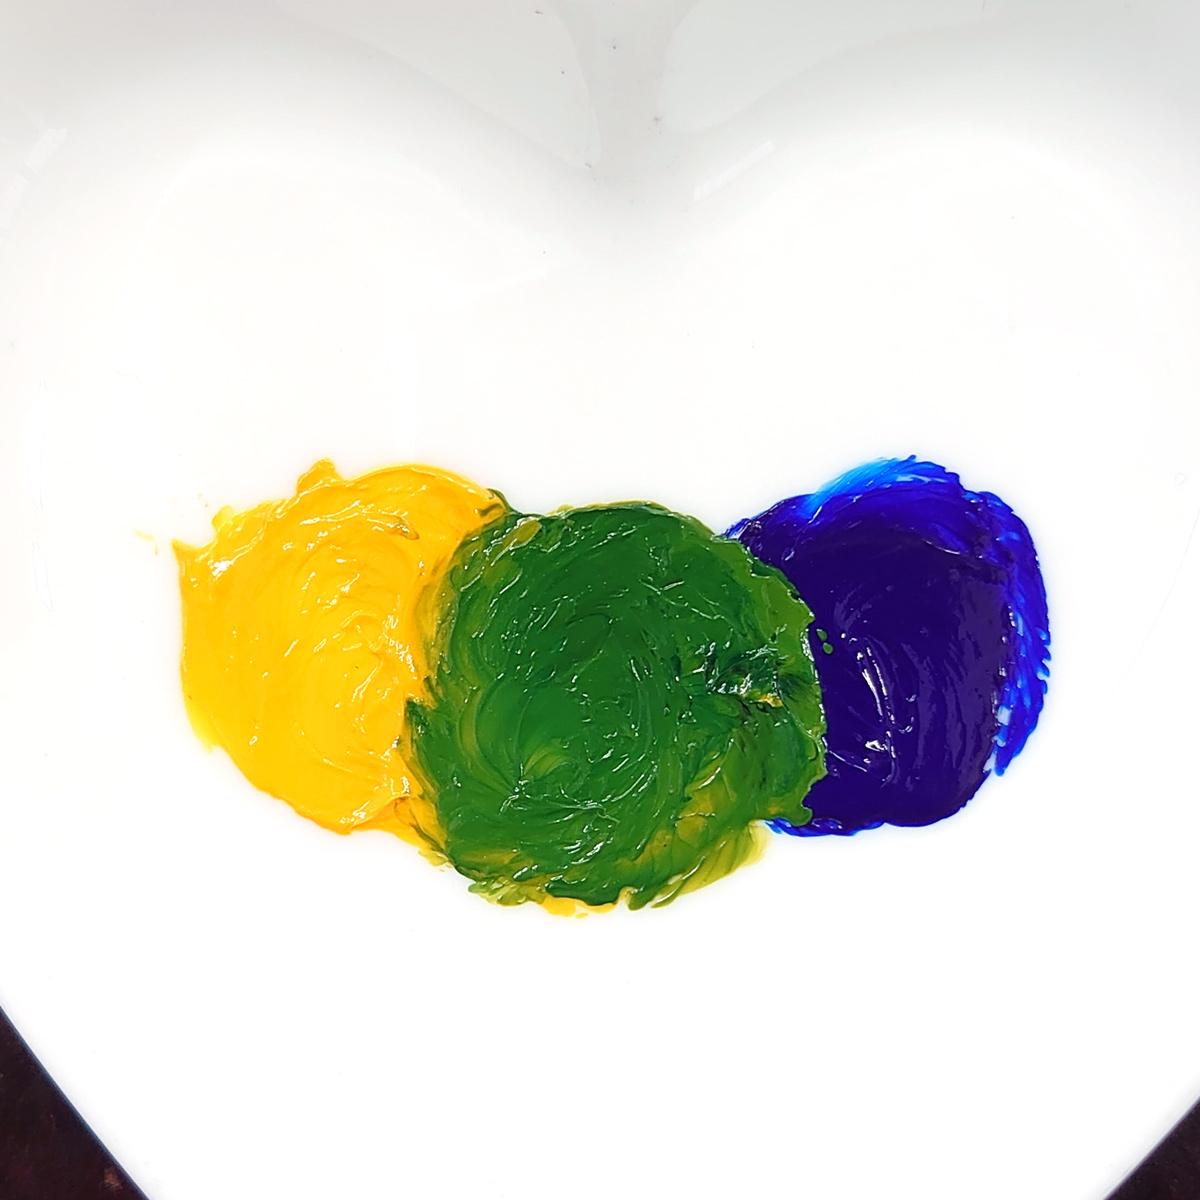 バターキャップとオーシャンブルーを混ぜ合わせたグリーン